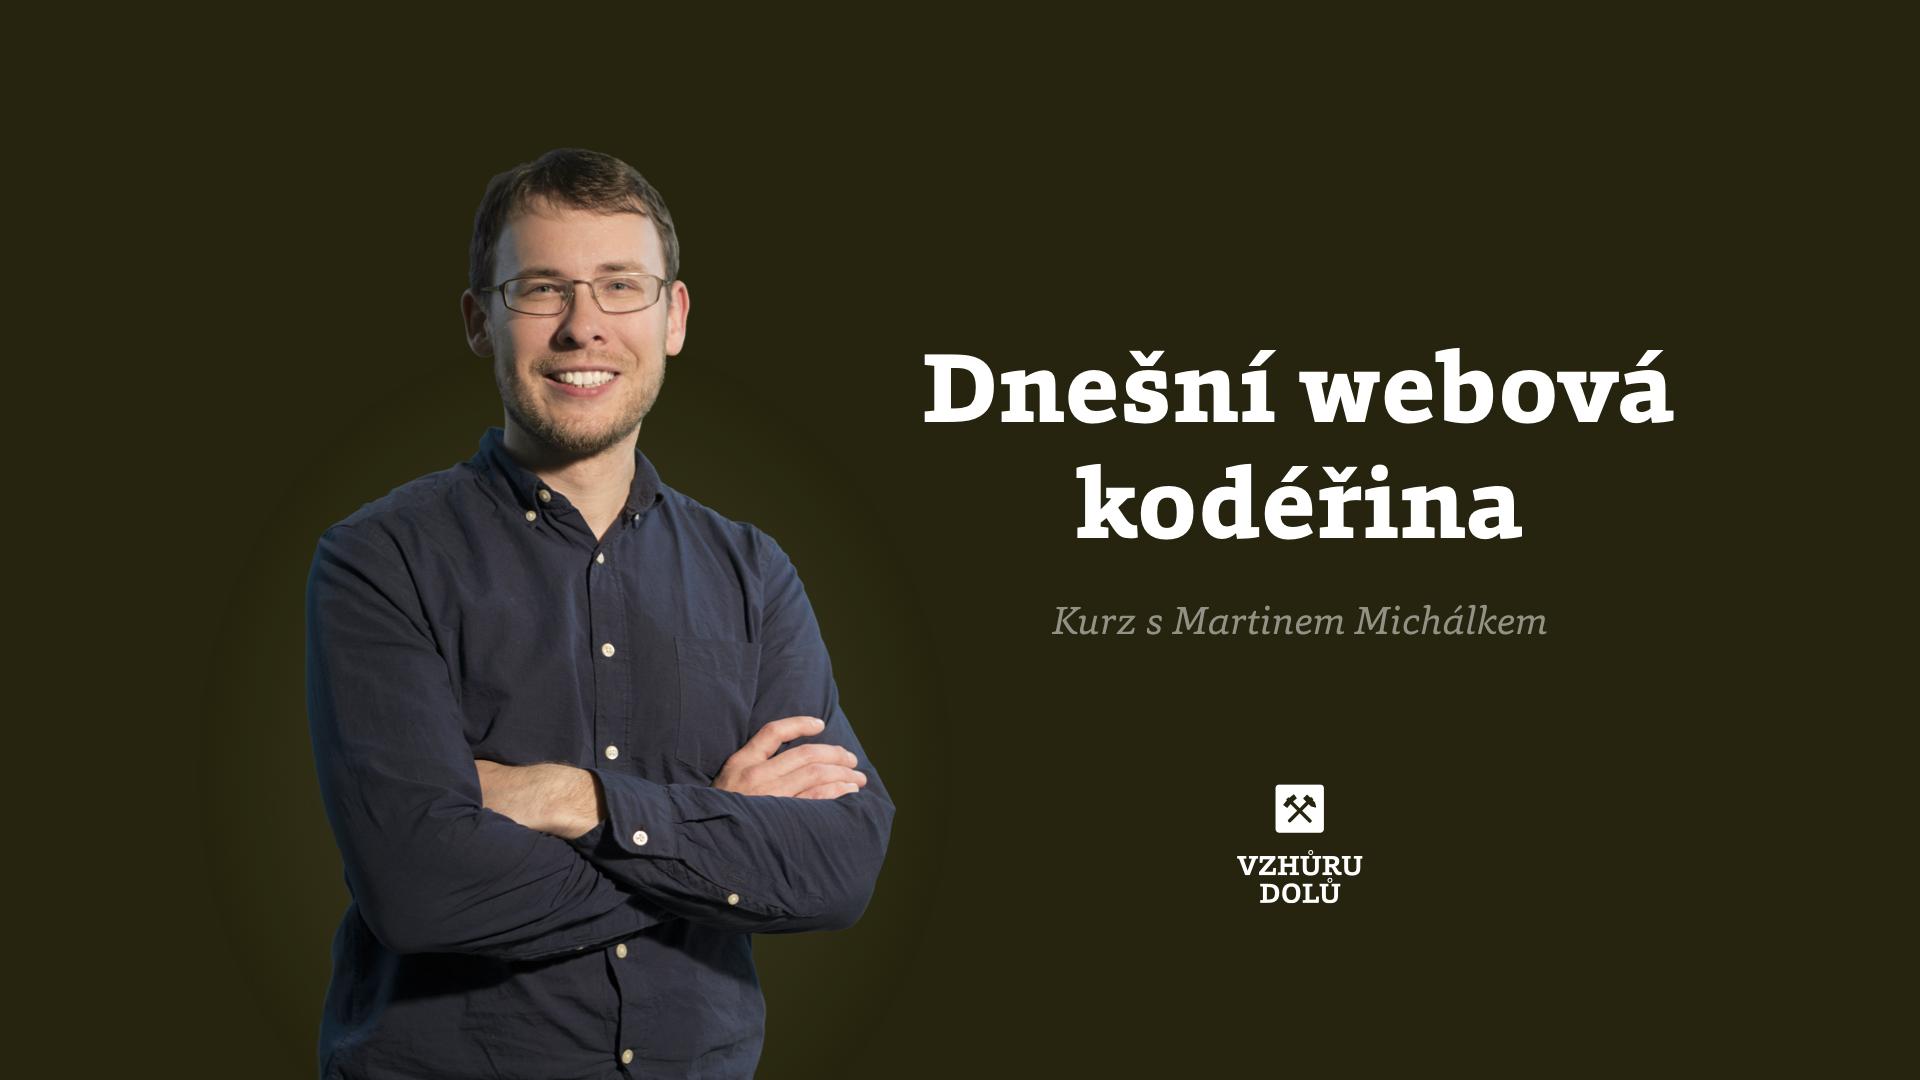 Dnešní webová kodéřina